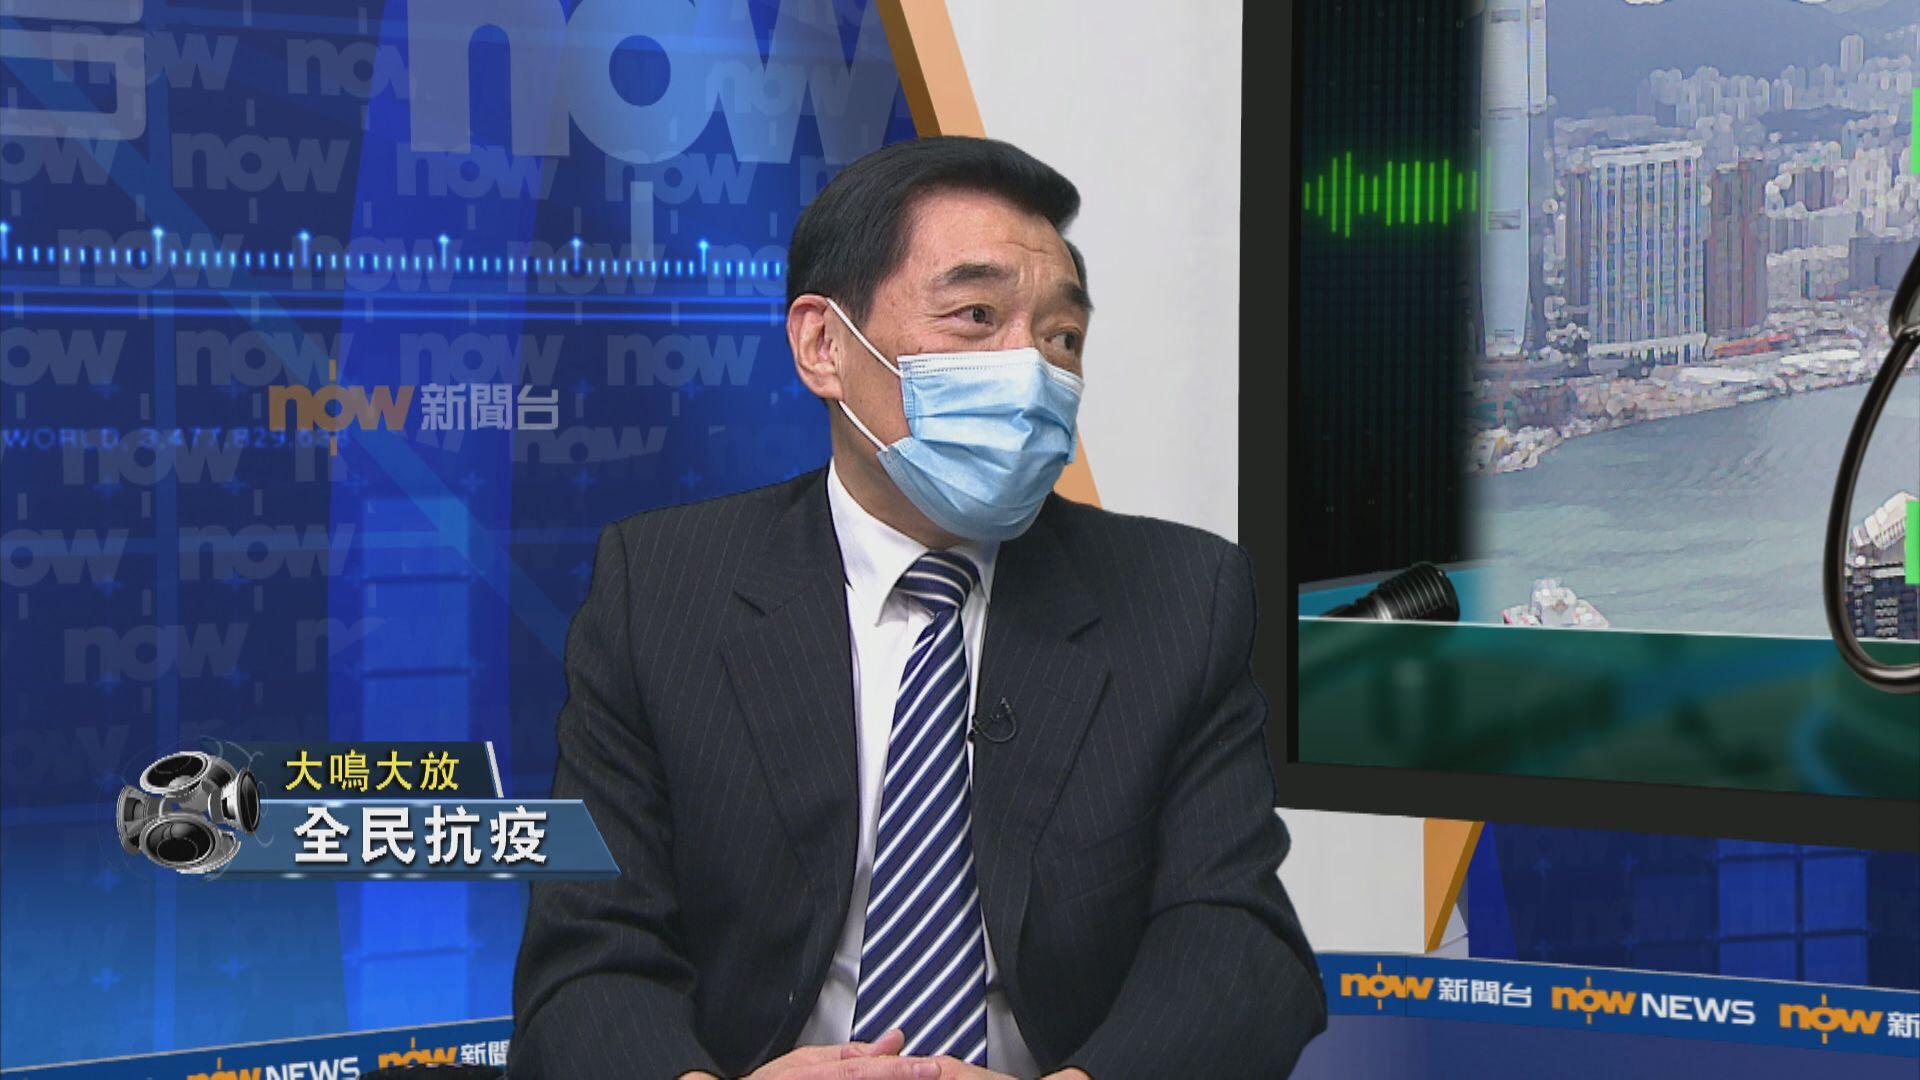 【大鳴大放】公共醫療發展 全民防疫(二)